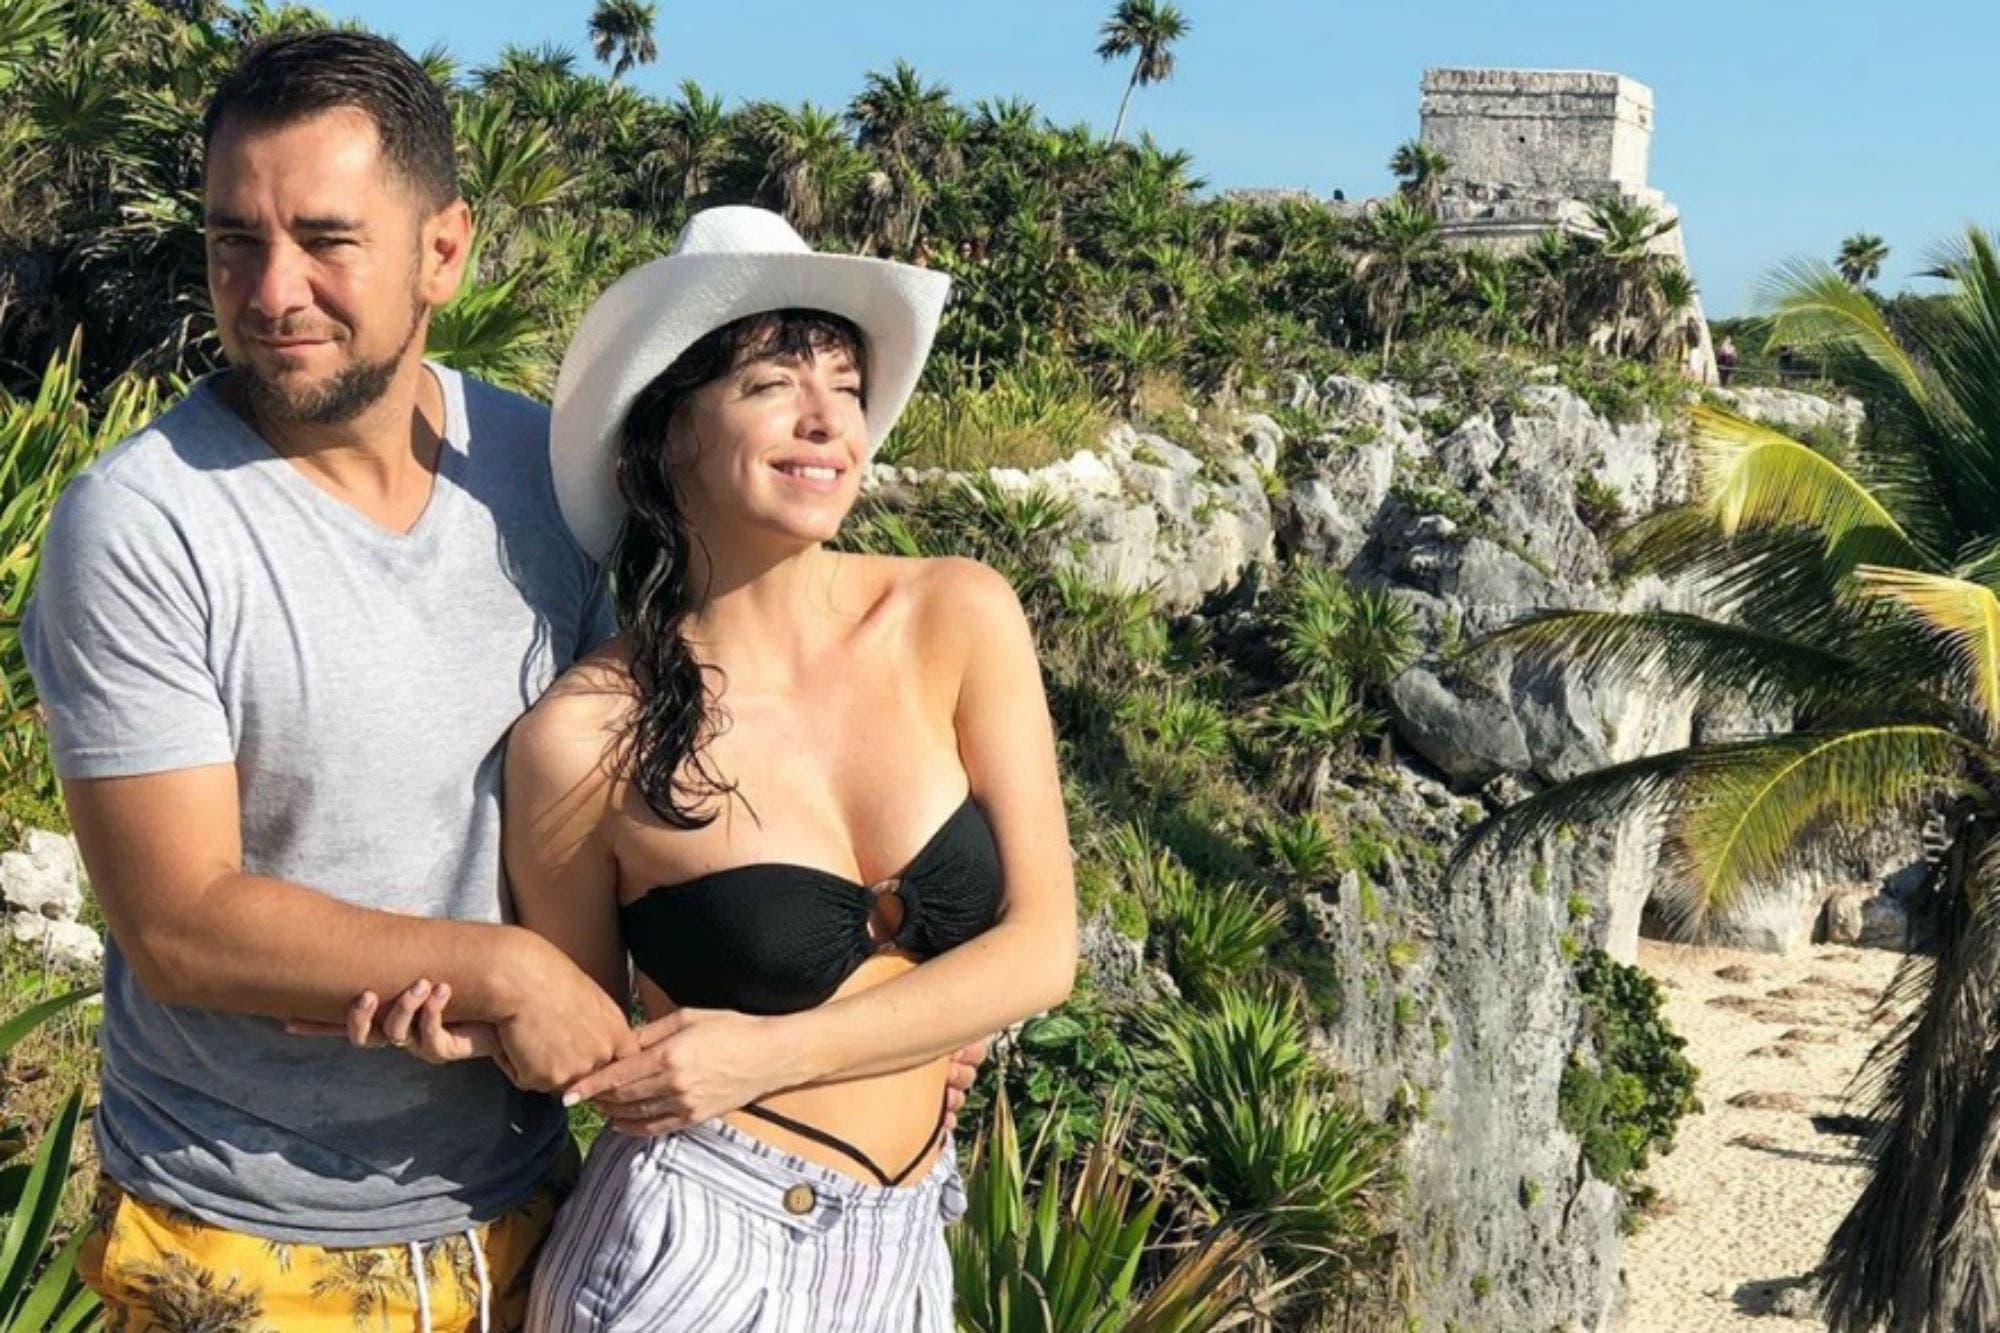 Mercedes Funes y Cecilio Flematti disfrutan de su luna de miel en Playa del Carmen